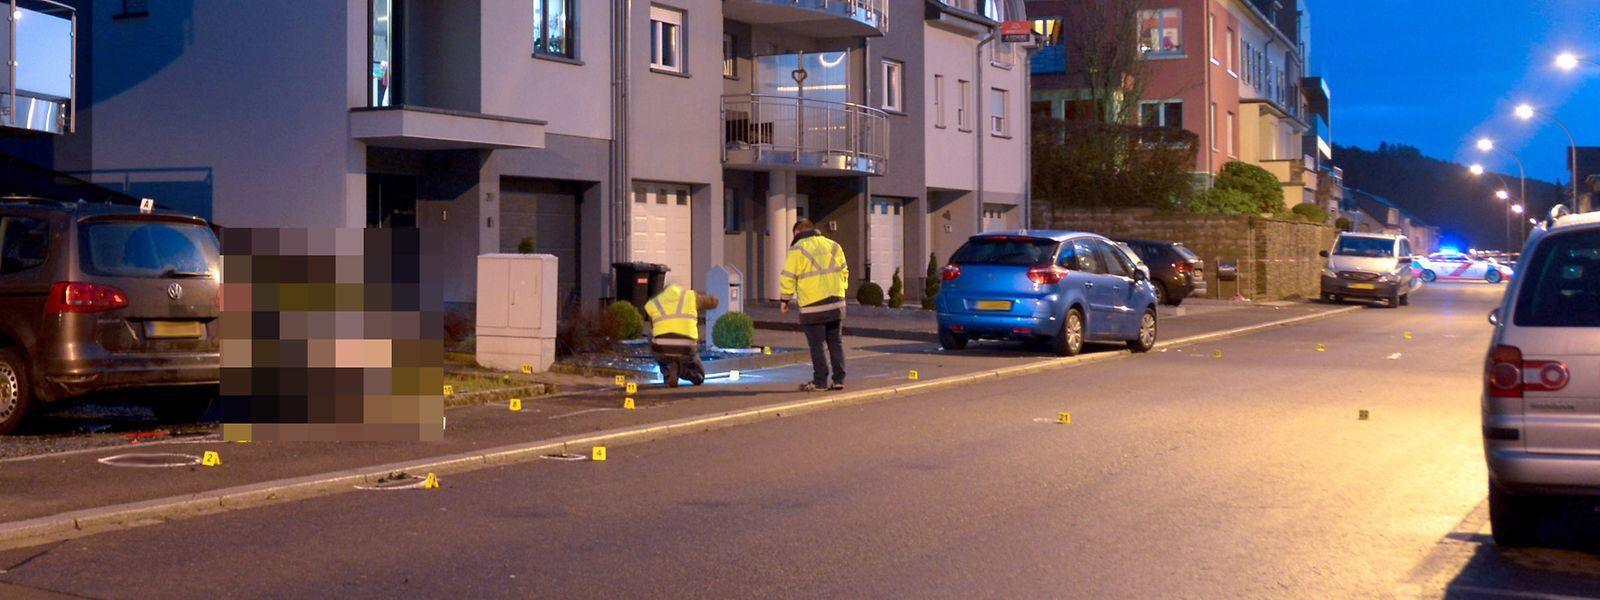 Mit diesem blauen Citroën raste der Täter in Wiltz absichtlich in die Menschengruppe. Auf dem Bild sind Beamte des Mess- und Erkennungsdienstes bei der Spurensicherung zu sehen.